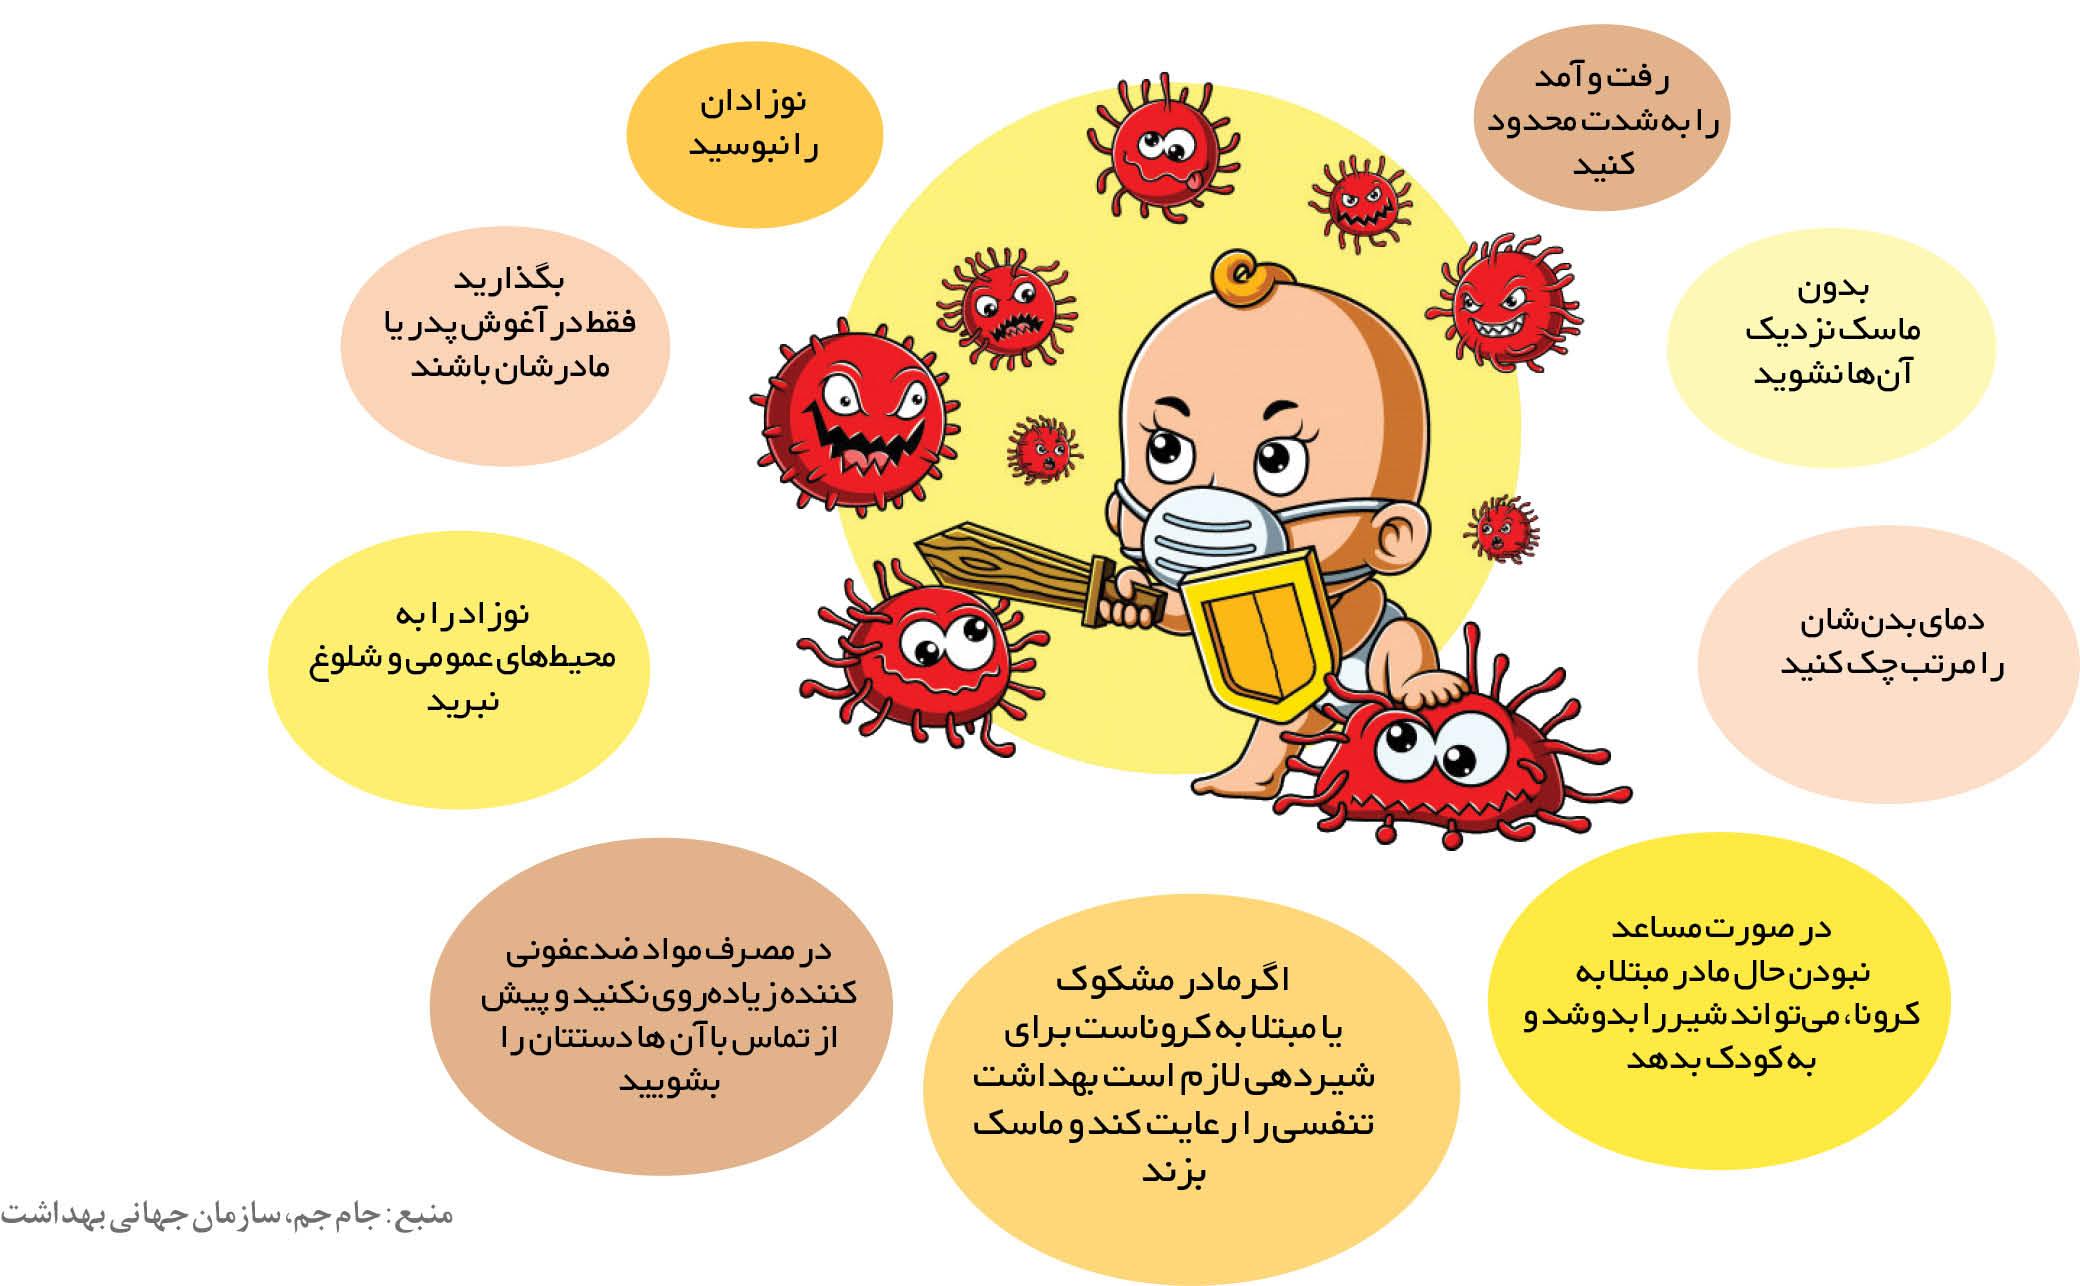 اینفوگرافی/ راههای پیشگیری از ابتلای نوزادان به کرونا